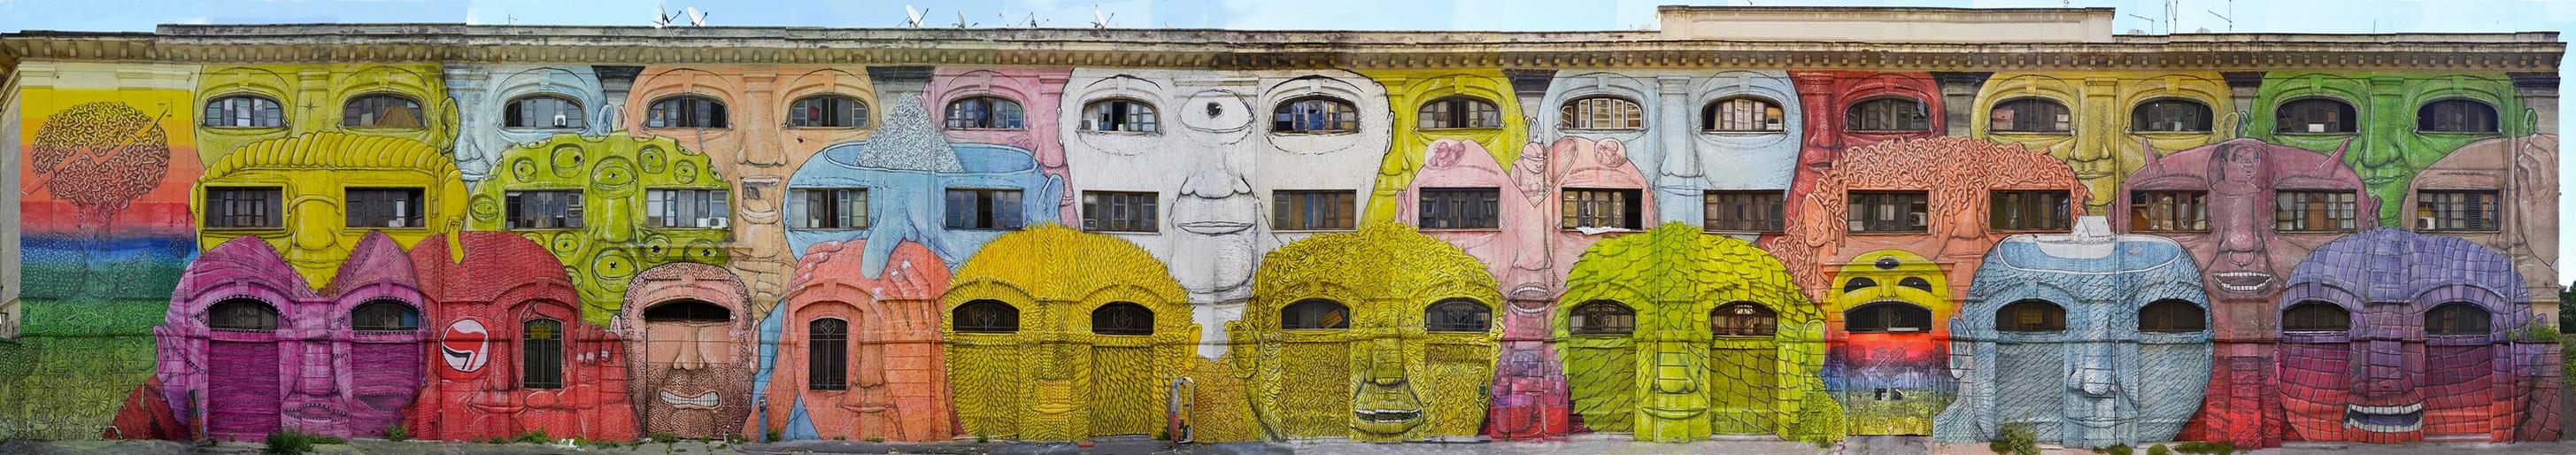 Blu-mural-street-art-Via-Del-Porto-Fluviale-Rome-italie-graffiti-3